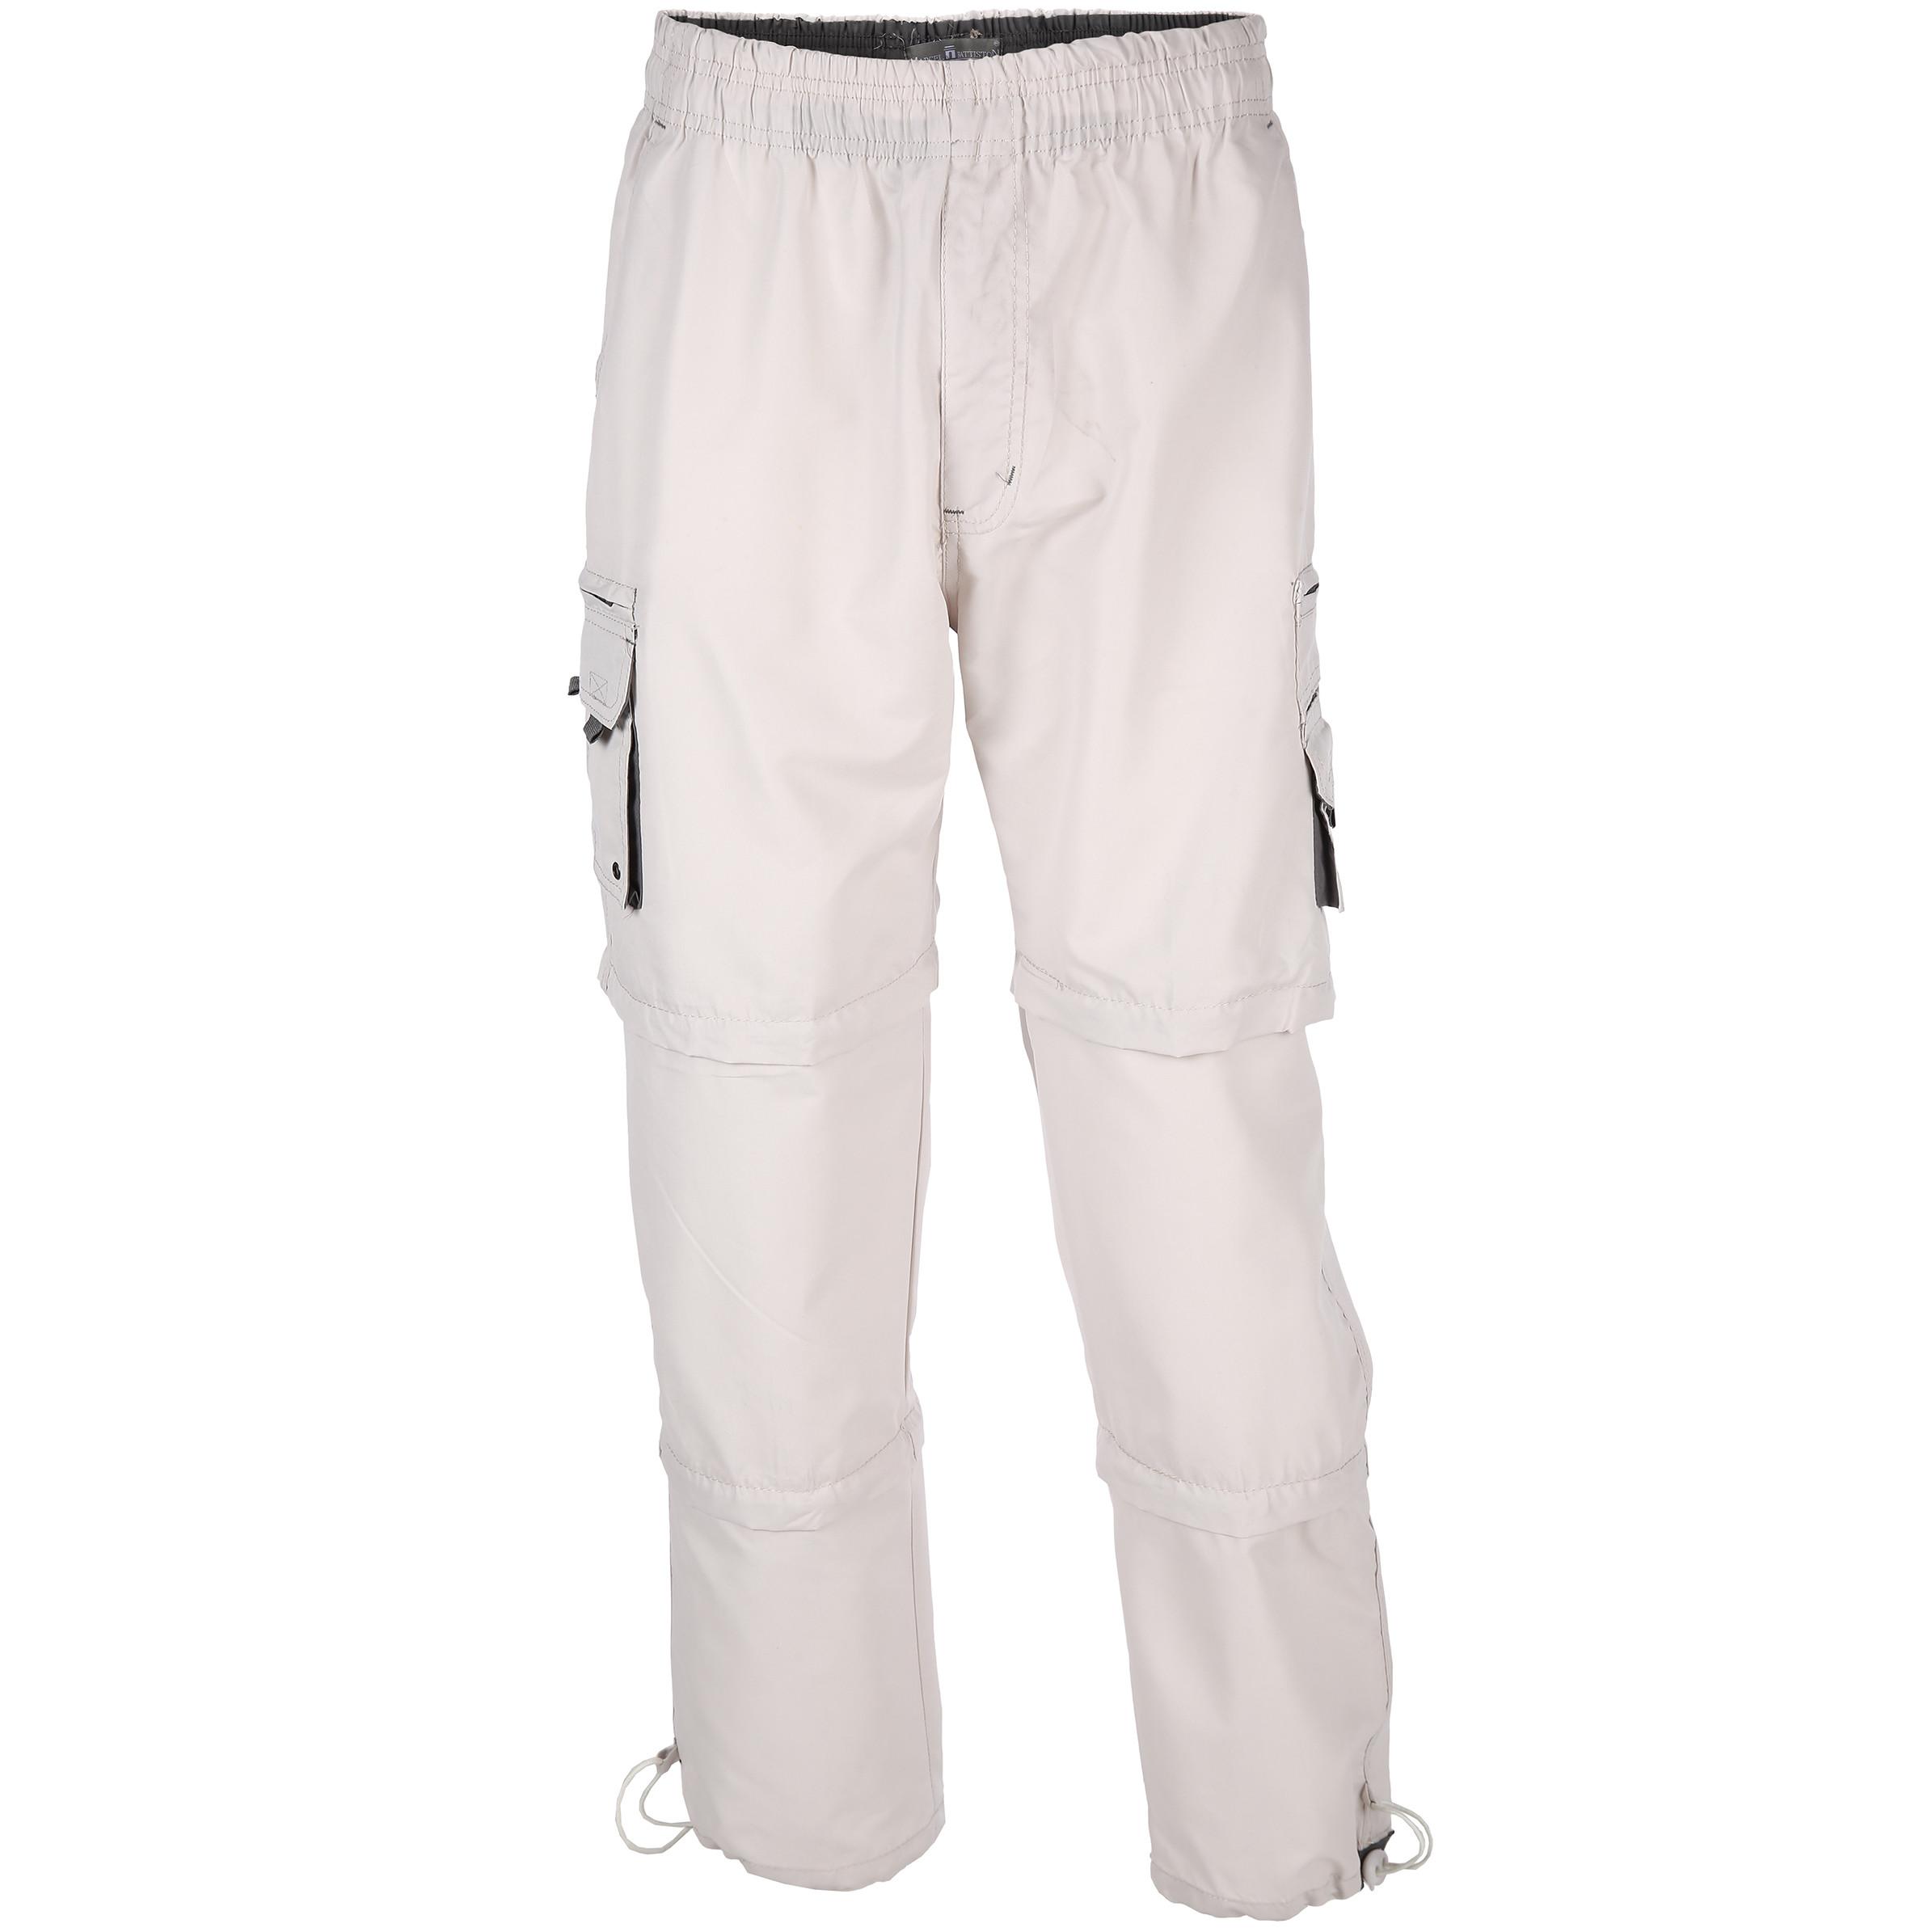 HosenJeansShortsamp; Bermudas Für Bermudas Für HerrenAwg HosenJeansShortsamp; HerrenAwg Mode PwkXZTuOi